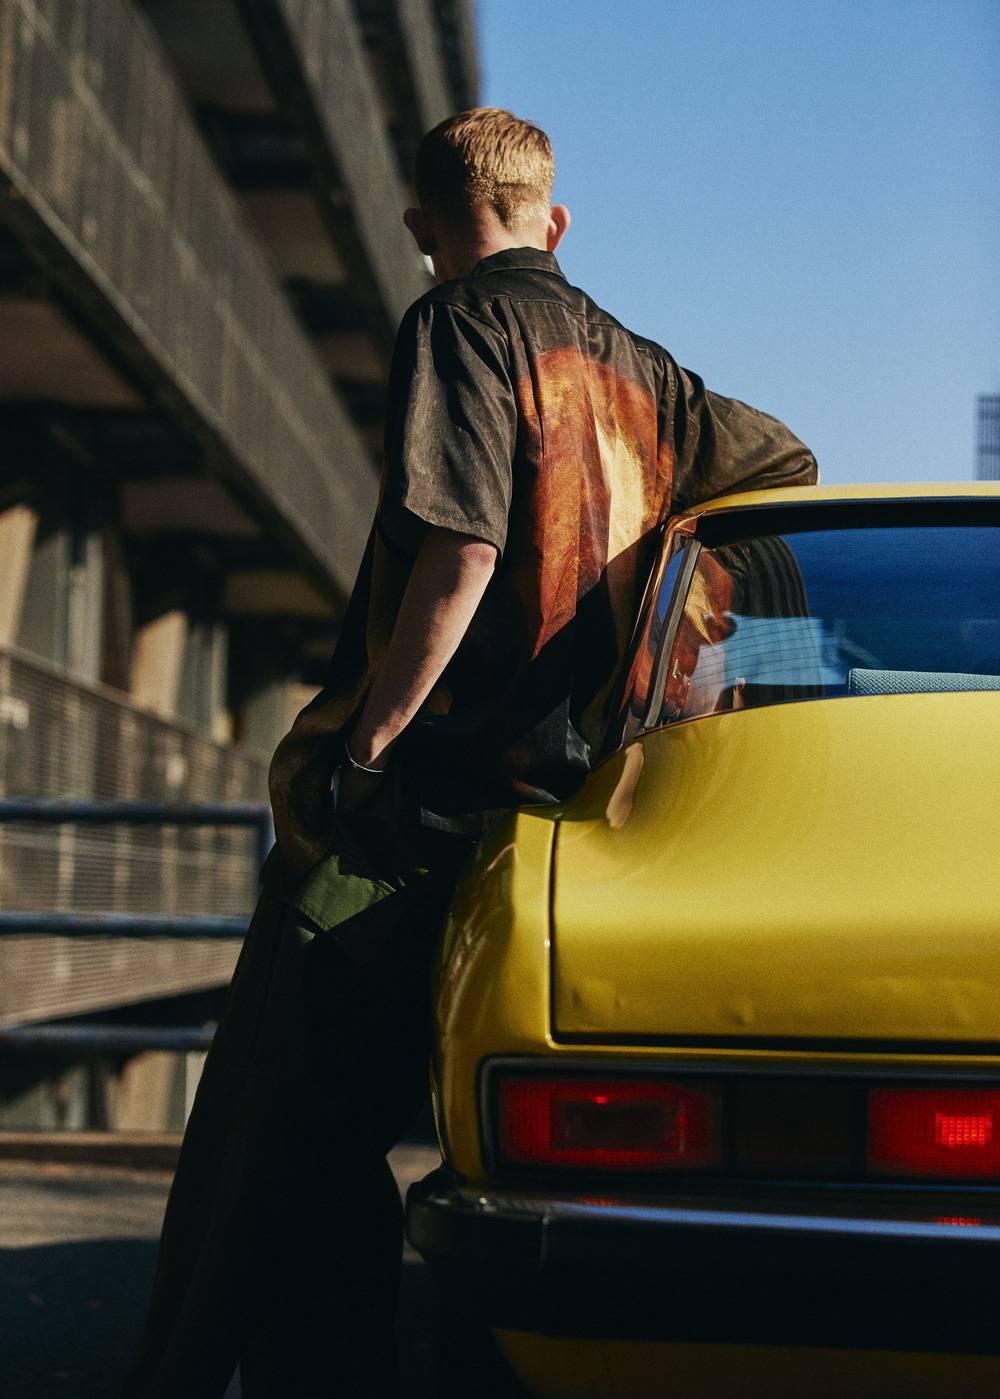 玩转街头时尚色彩initialGentleman夏日系列